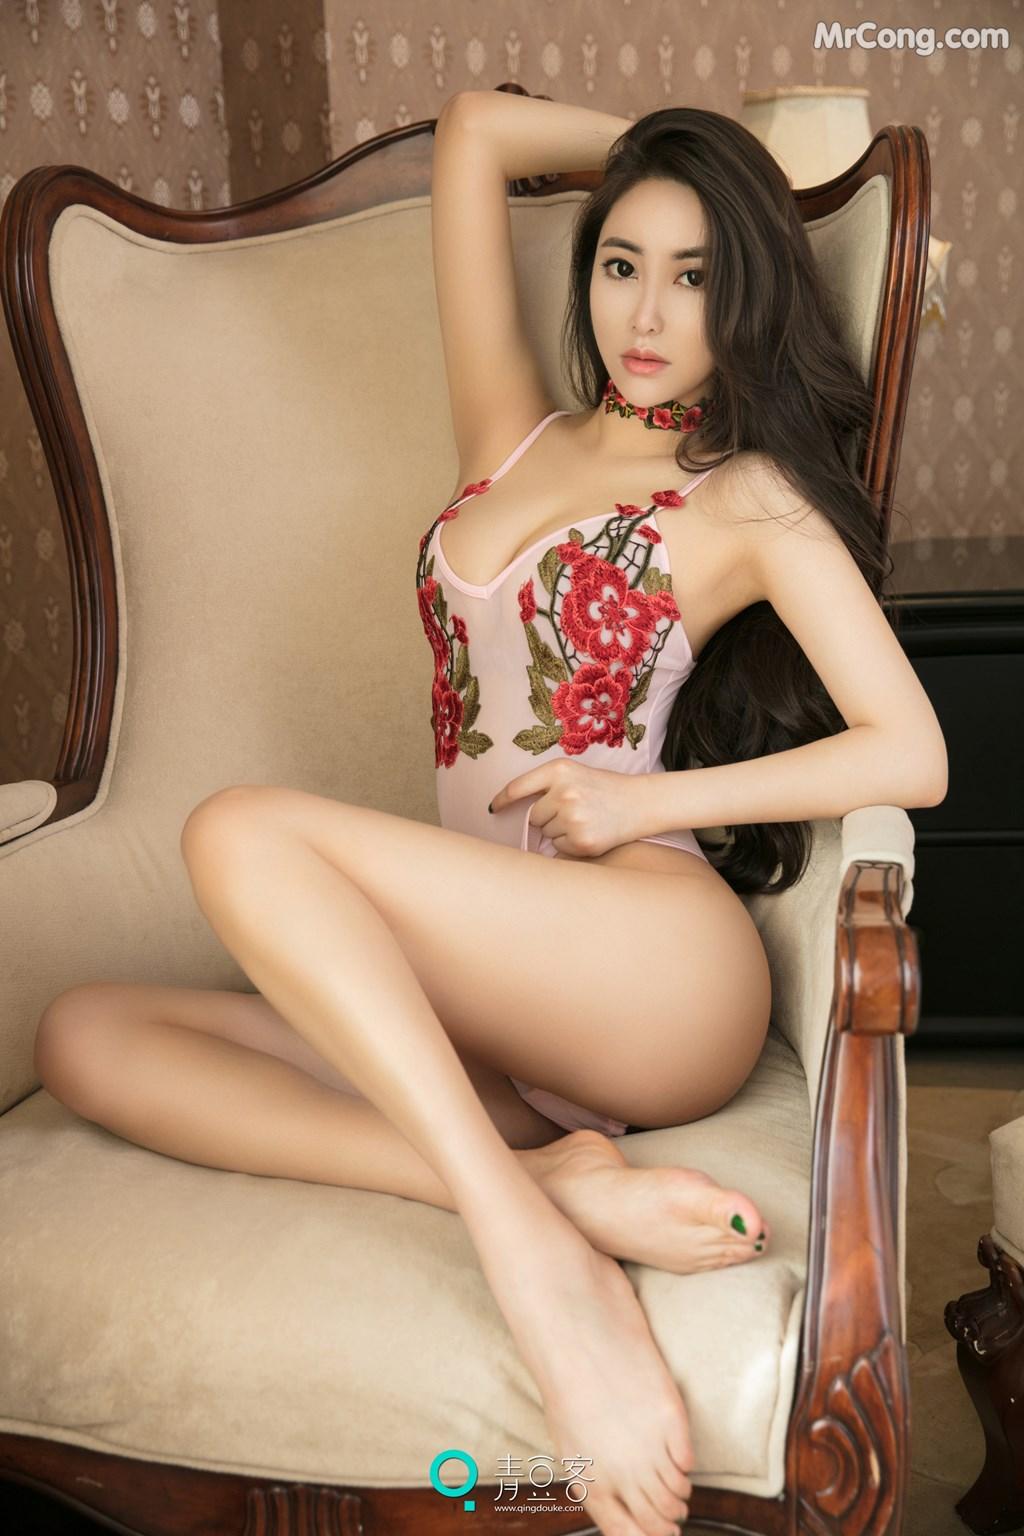 Image QingDouKe-2017-08-03-Mu-Fei-Fei-MrCong.com-011 in post QingDouKe 2017-08-03: Người mẫu Mu Fei Fei (穆菲菲) (53 ảnh)